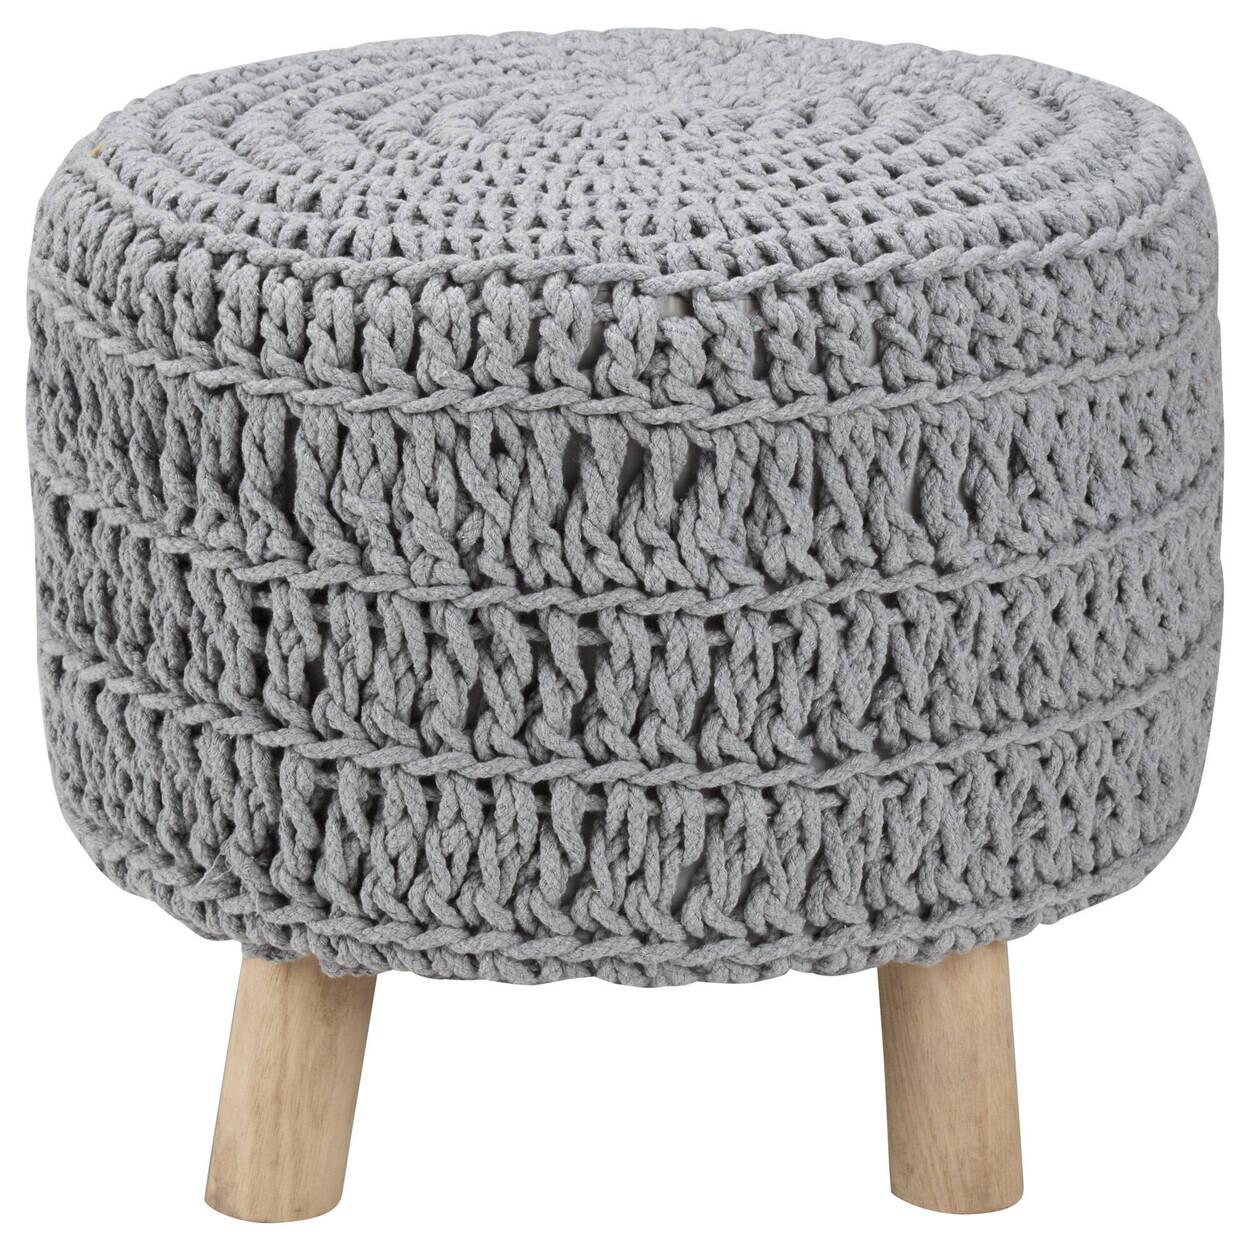 Pouf en bois et en coton tricoté